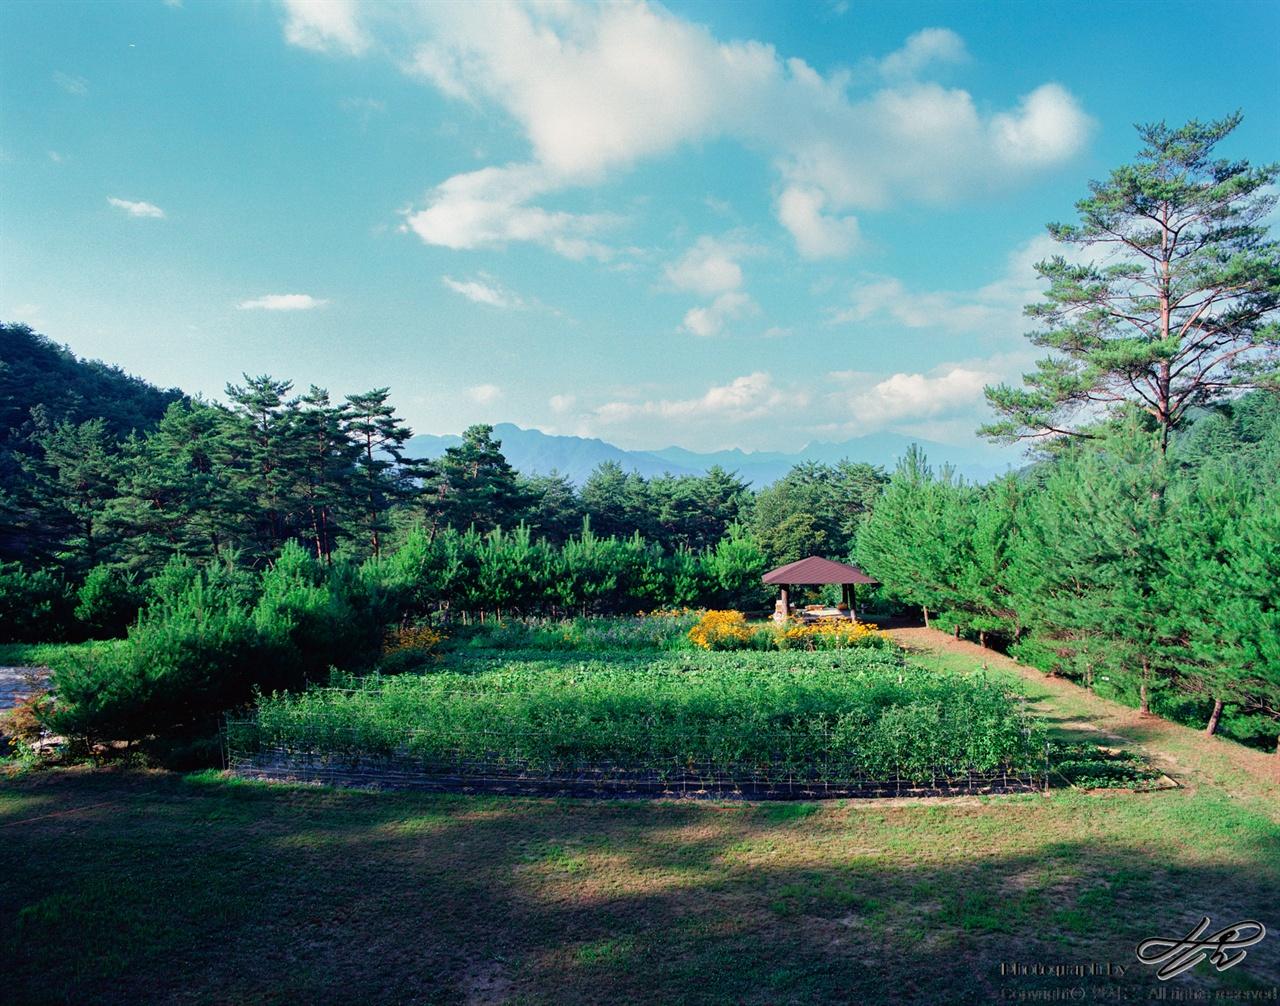 농장 내 가장 넓은 광장 (6*7중형/Pro400H)하늘내린터농원에서 가장 넓은 광장이자 수확체험장, 그리고 강론장이기도 한 곳. 멀리 보이는 능선은 설악산이다.